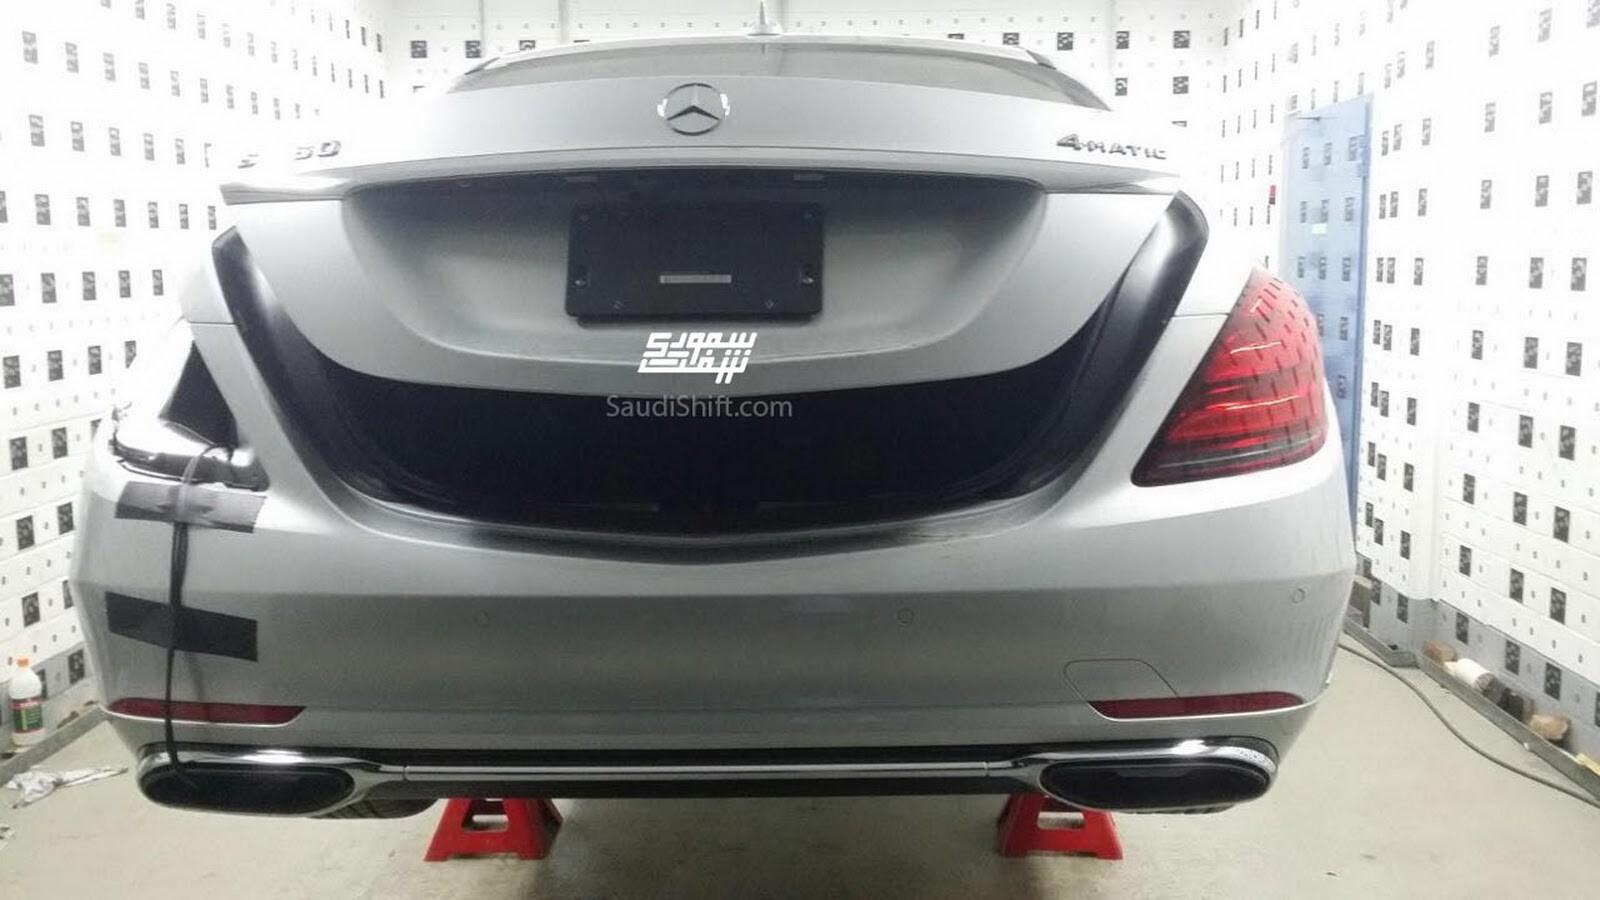 Mercedes S-Class facelift 2018-2